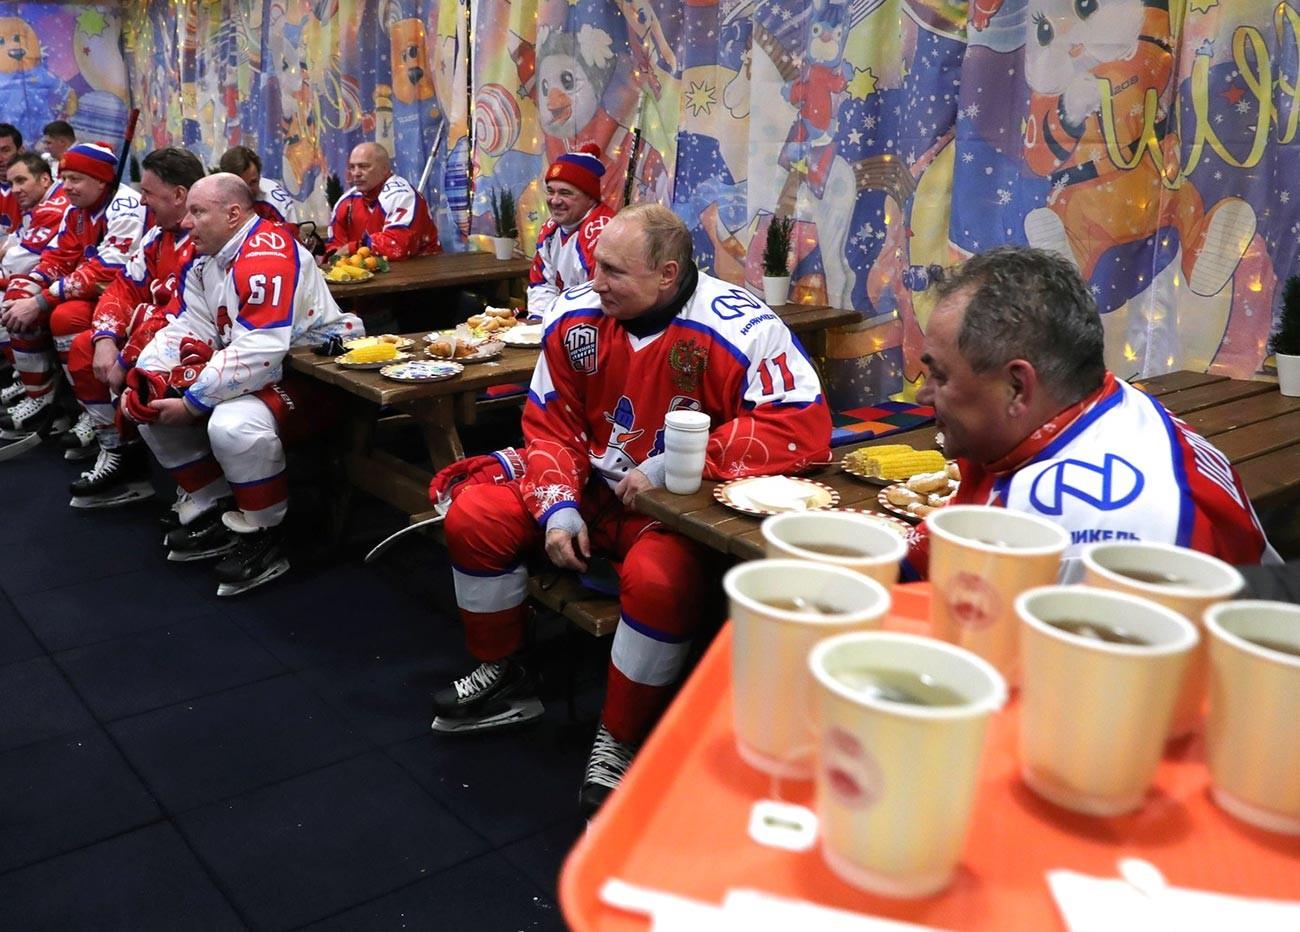 Vladimir Putin (kedua dari kanan) dan Menteri Pertahanan Rusia Sergei Shoigu (kanan) saat istirahat dalam pertandingan persahabatan malam tahun baru Liga hoki Malam di Lapangan Merah.